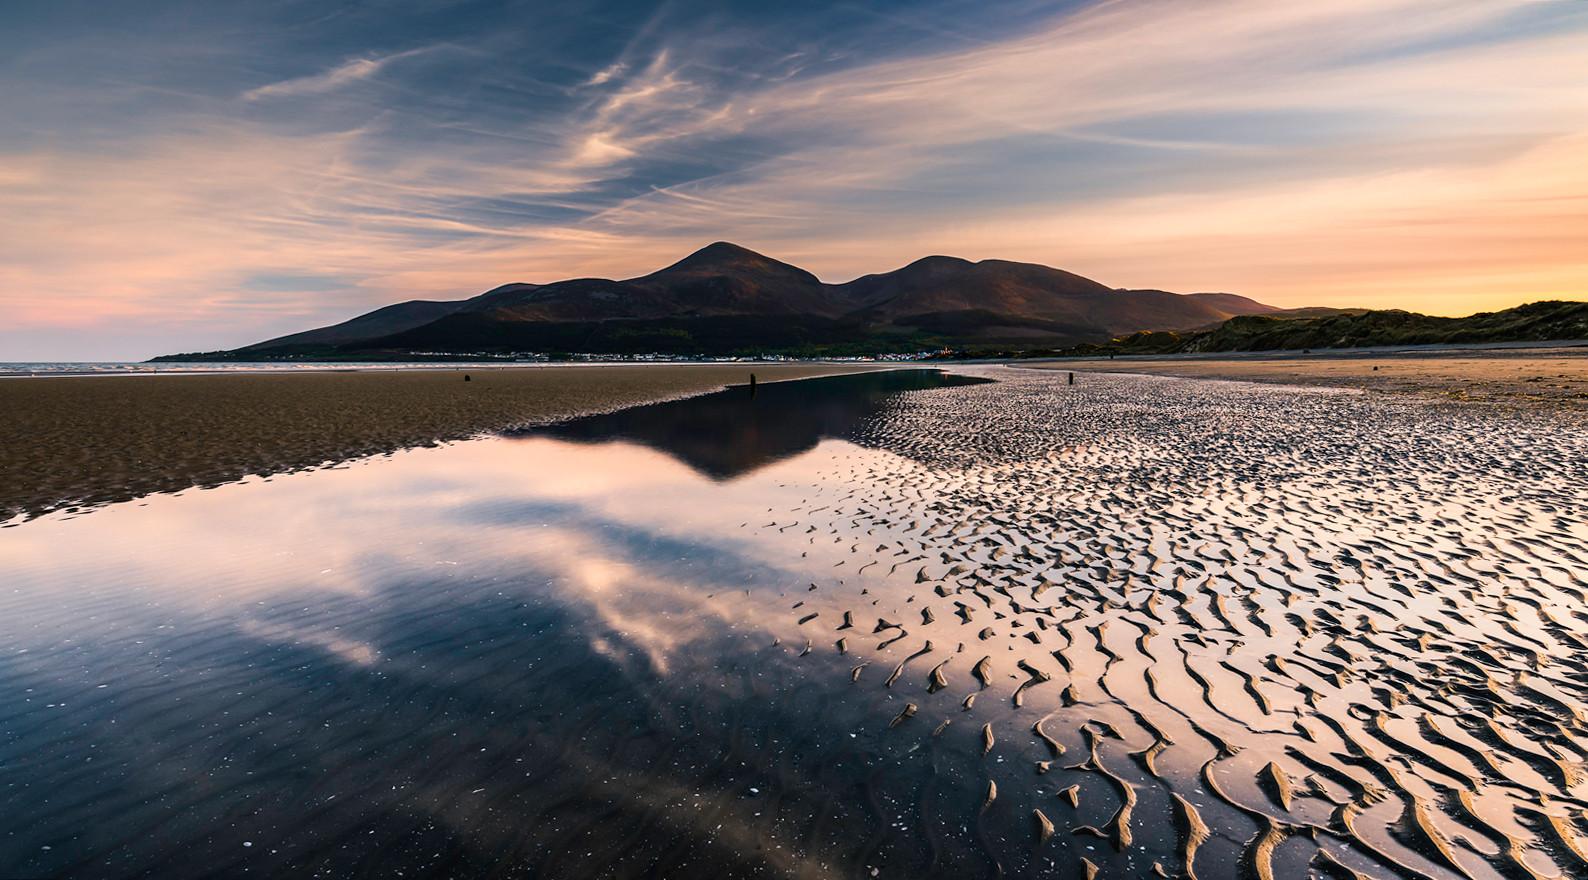 PDI - Murlough Beach by Eddie Graden (10 marks)